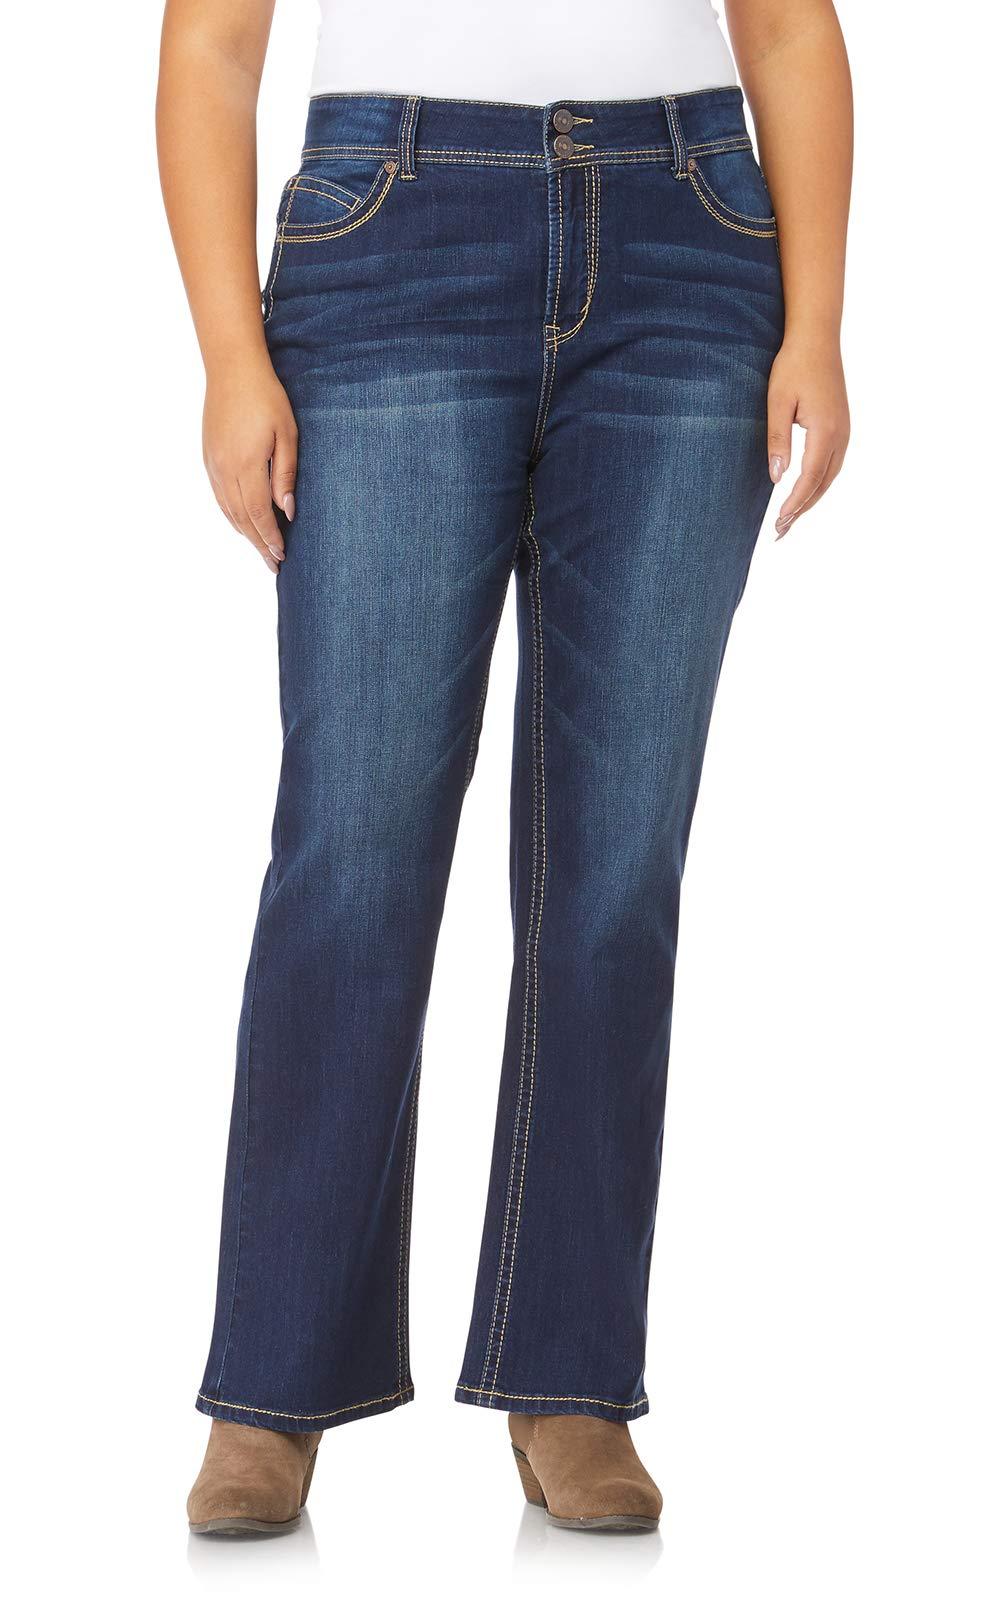 WallFlower Plus Size Luscious Curvy Plus Short Inseam Bootcut Jeans in Scarlett Size: 18 Plus Short by WallFlower